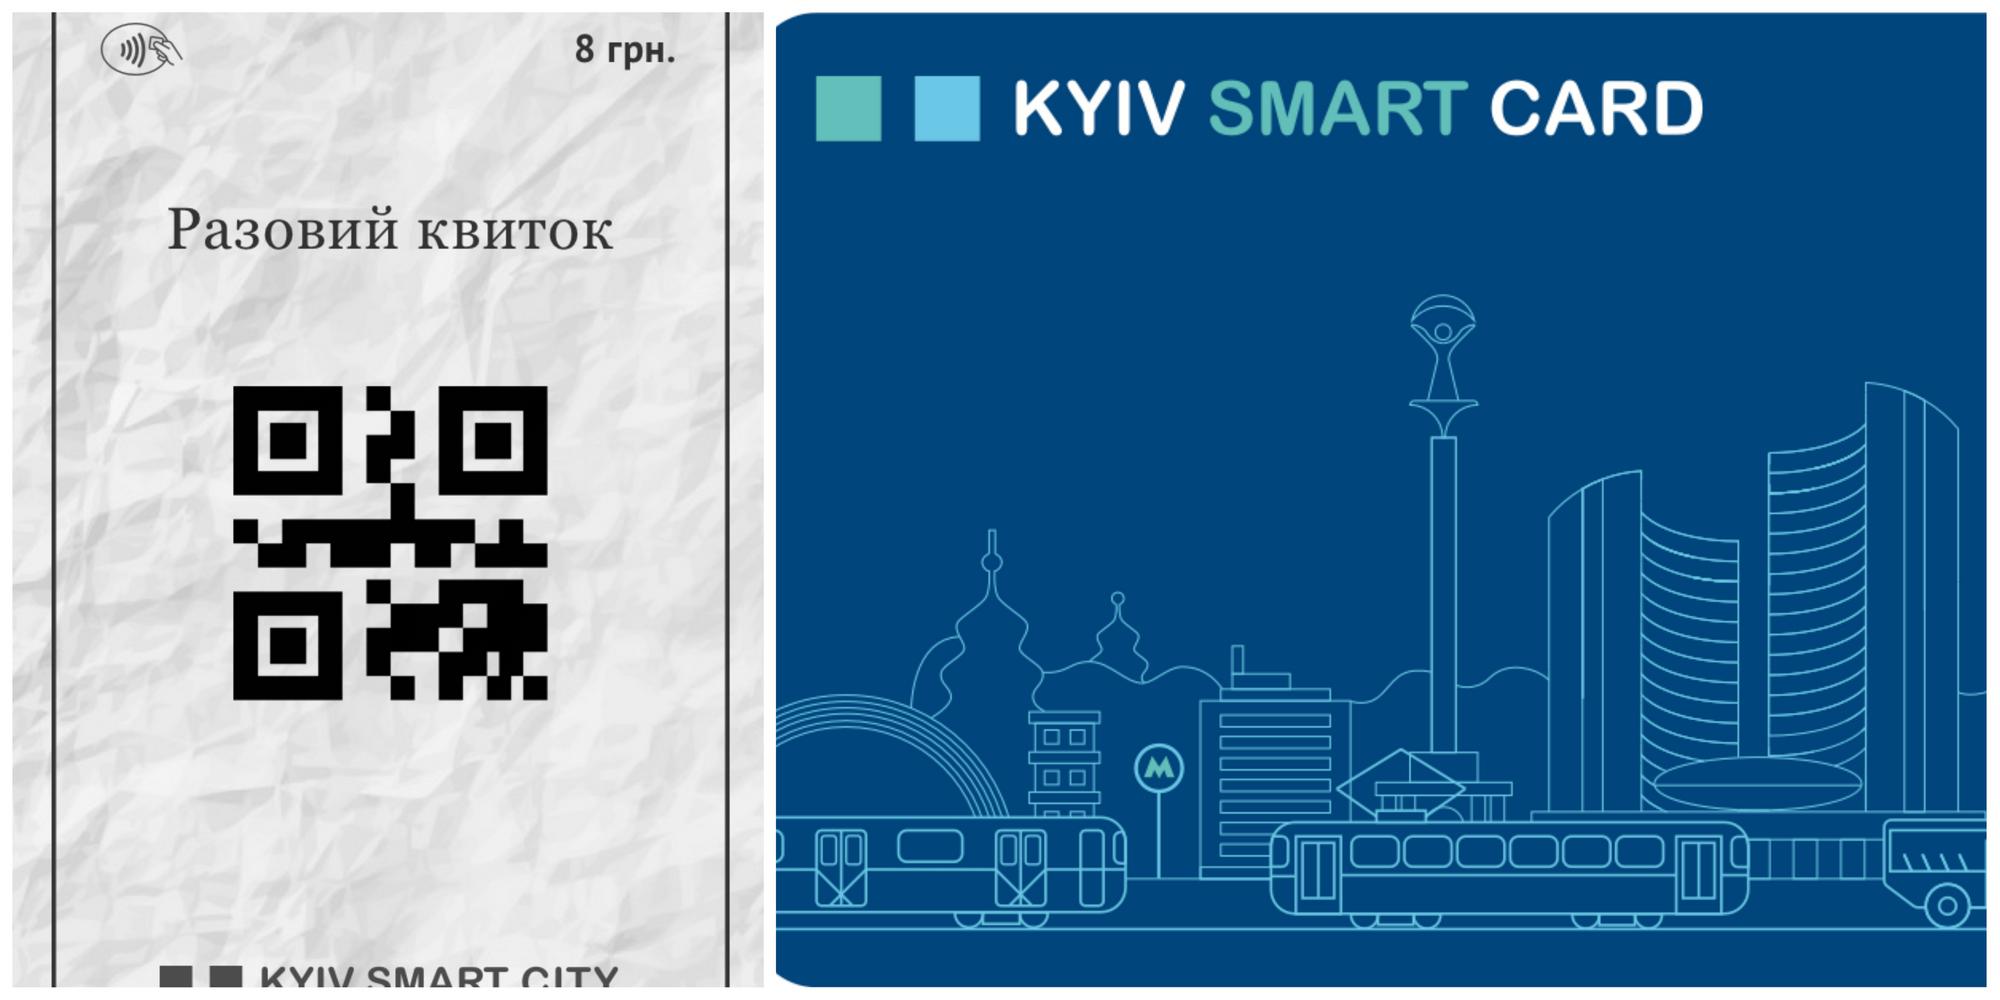 Так выглядят разовый электронный билет (слева) и карта Kyiv smart card (справа)